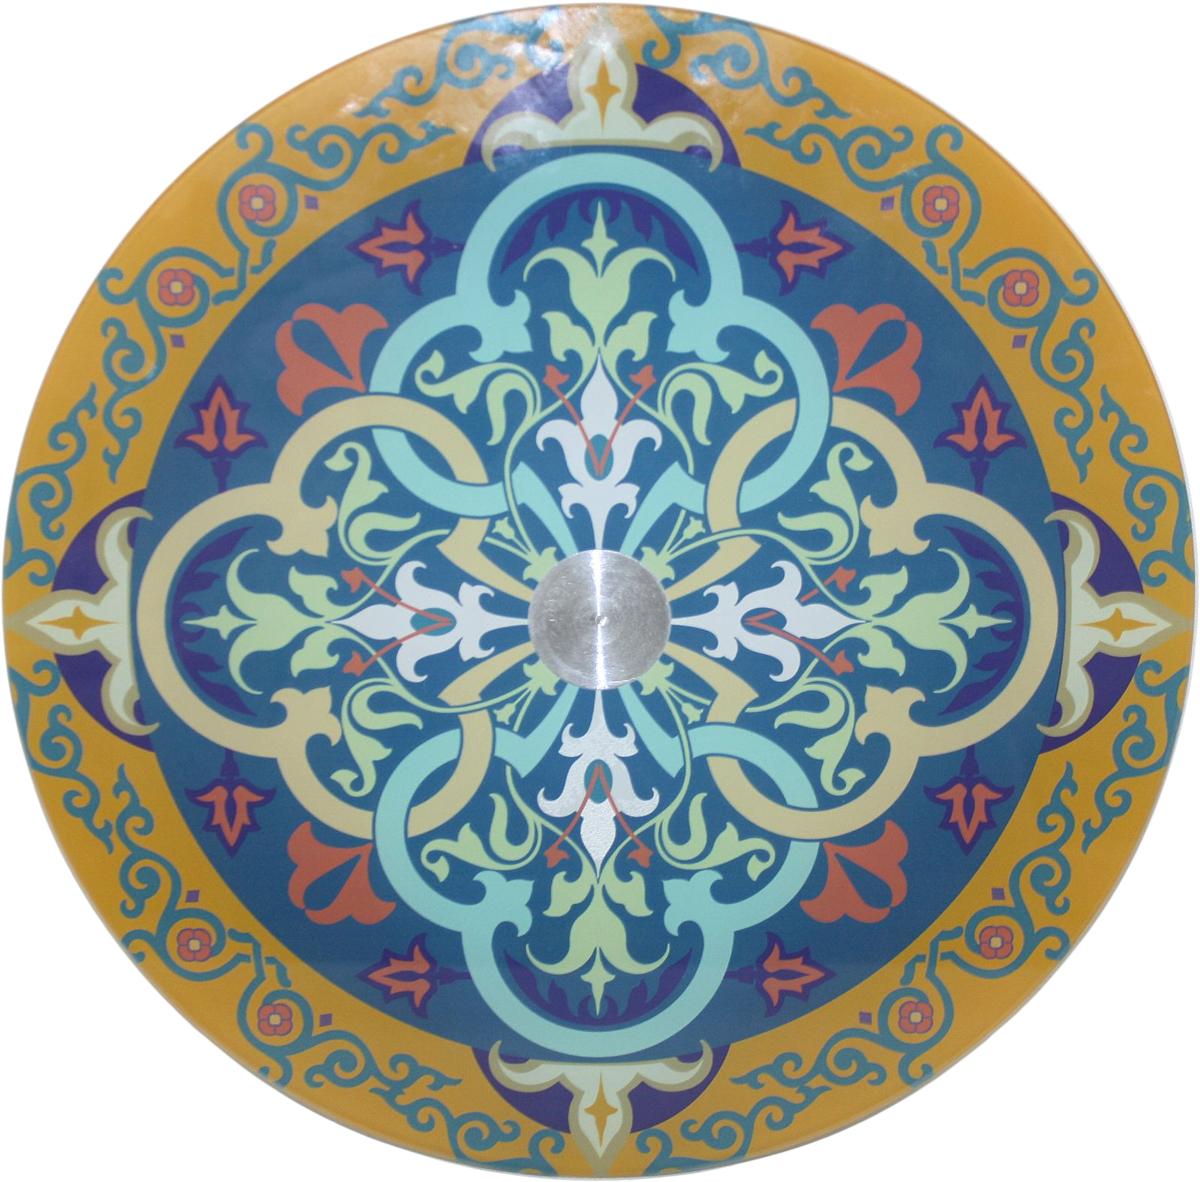 Блюдо Vellarti Калейдоскоп, вращающееся, диаметр 30 см. 21700252170025Вращающееся блюдо D 30см. Материал: стекло на вращающейся подставке в подарочной упаковке.